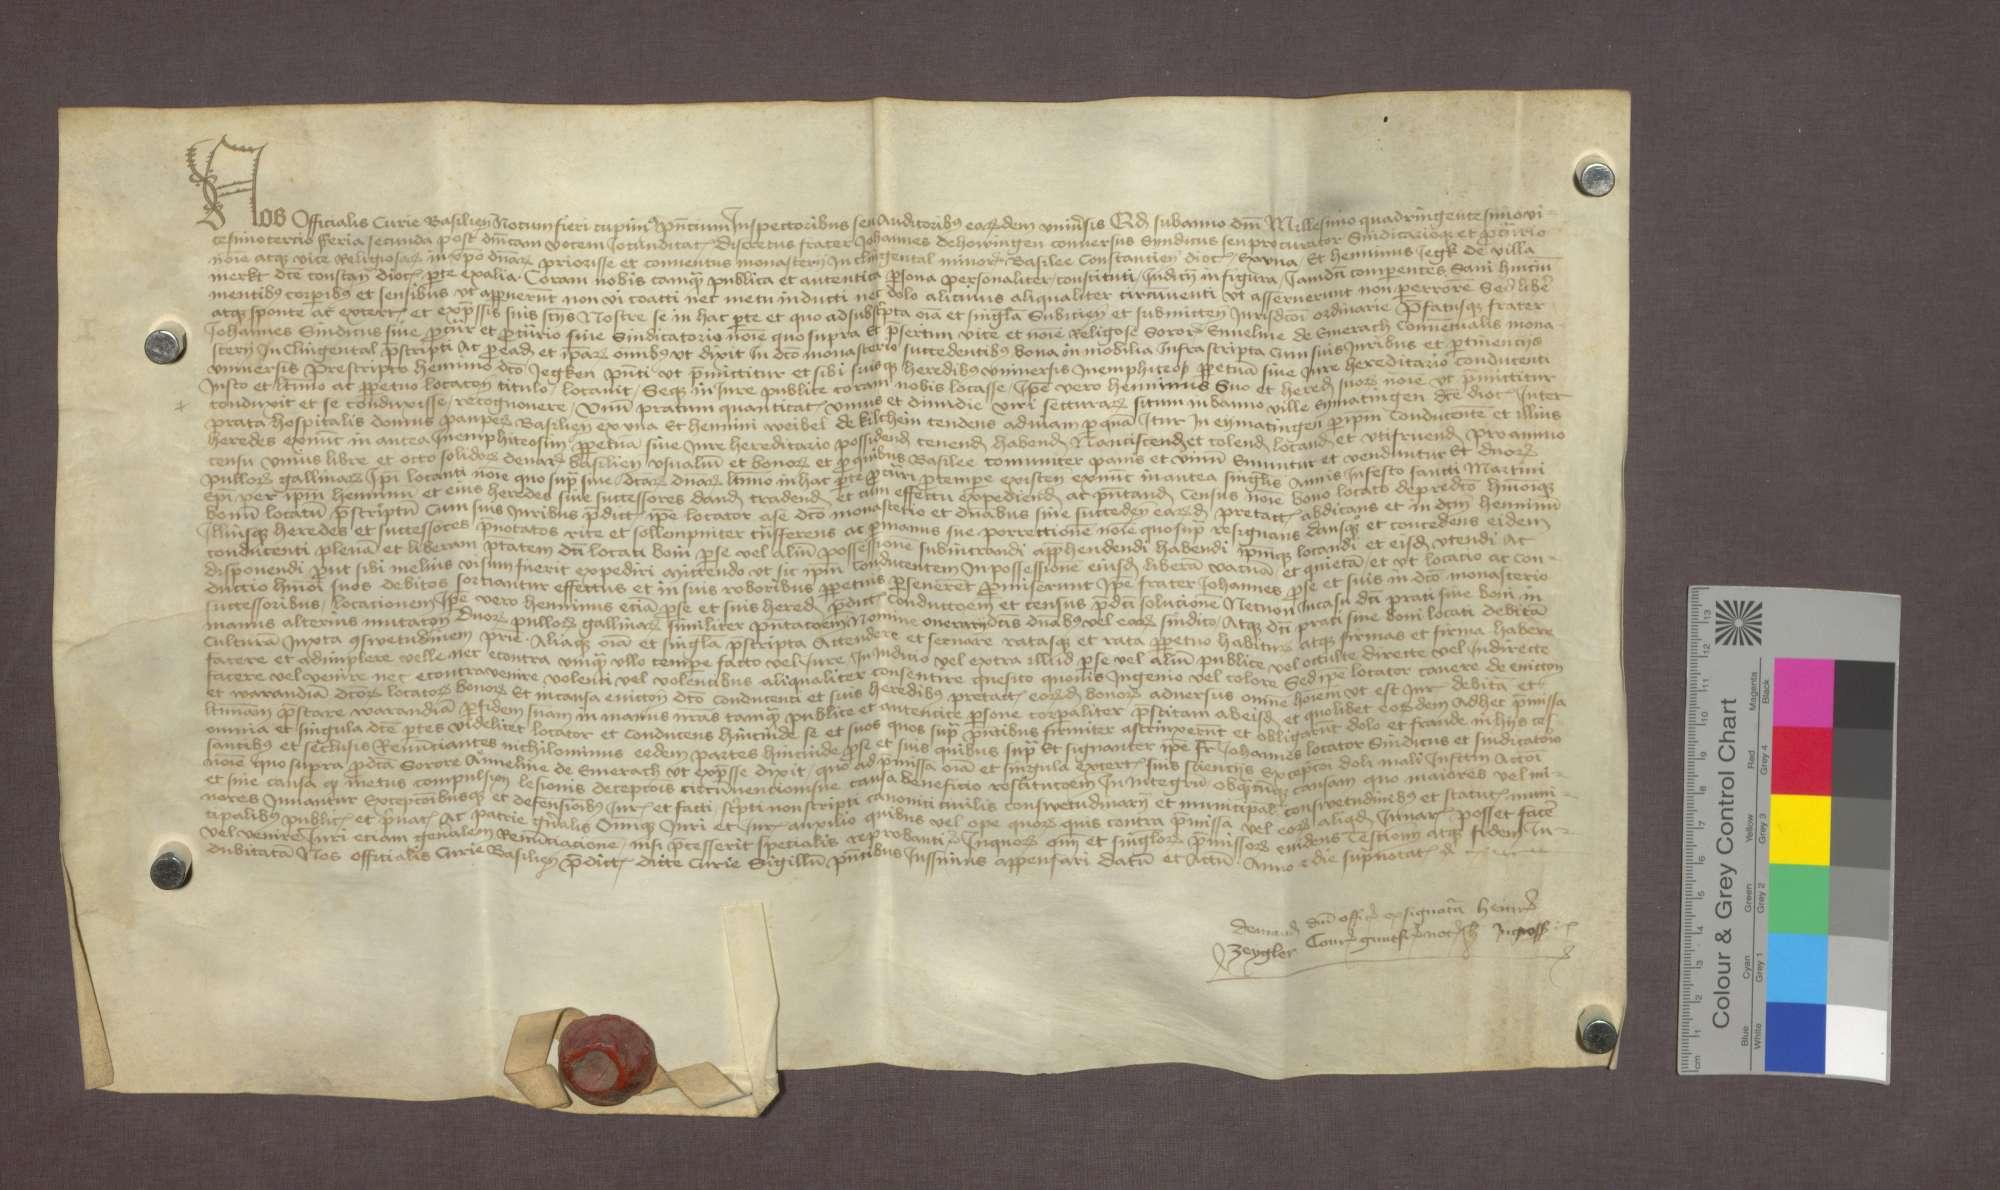 Bruder Johannes von Hauingen vergibt anstelle des Klosters Klingental Güter zu Eimeldingen an Heinrich Jegk von Märkt zu Lehen., Bild 1